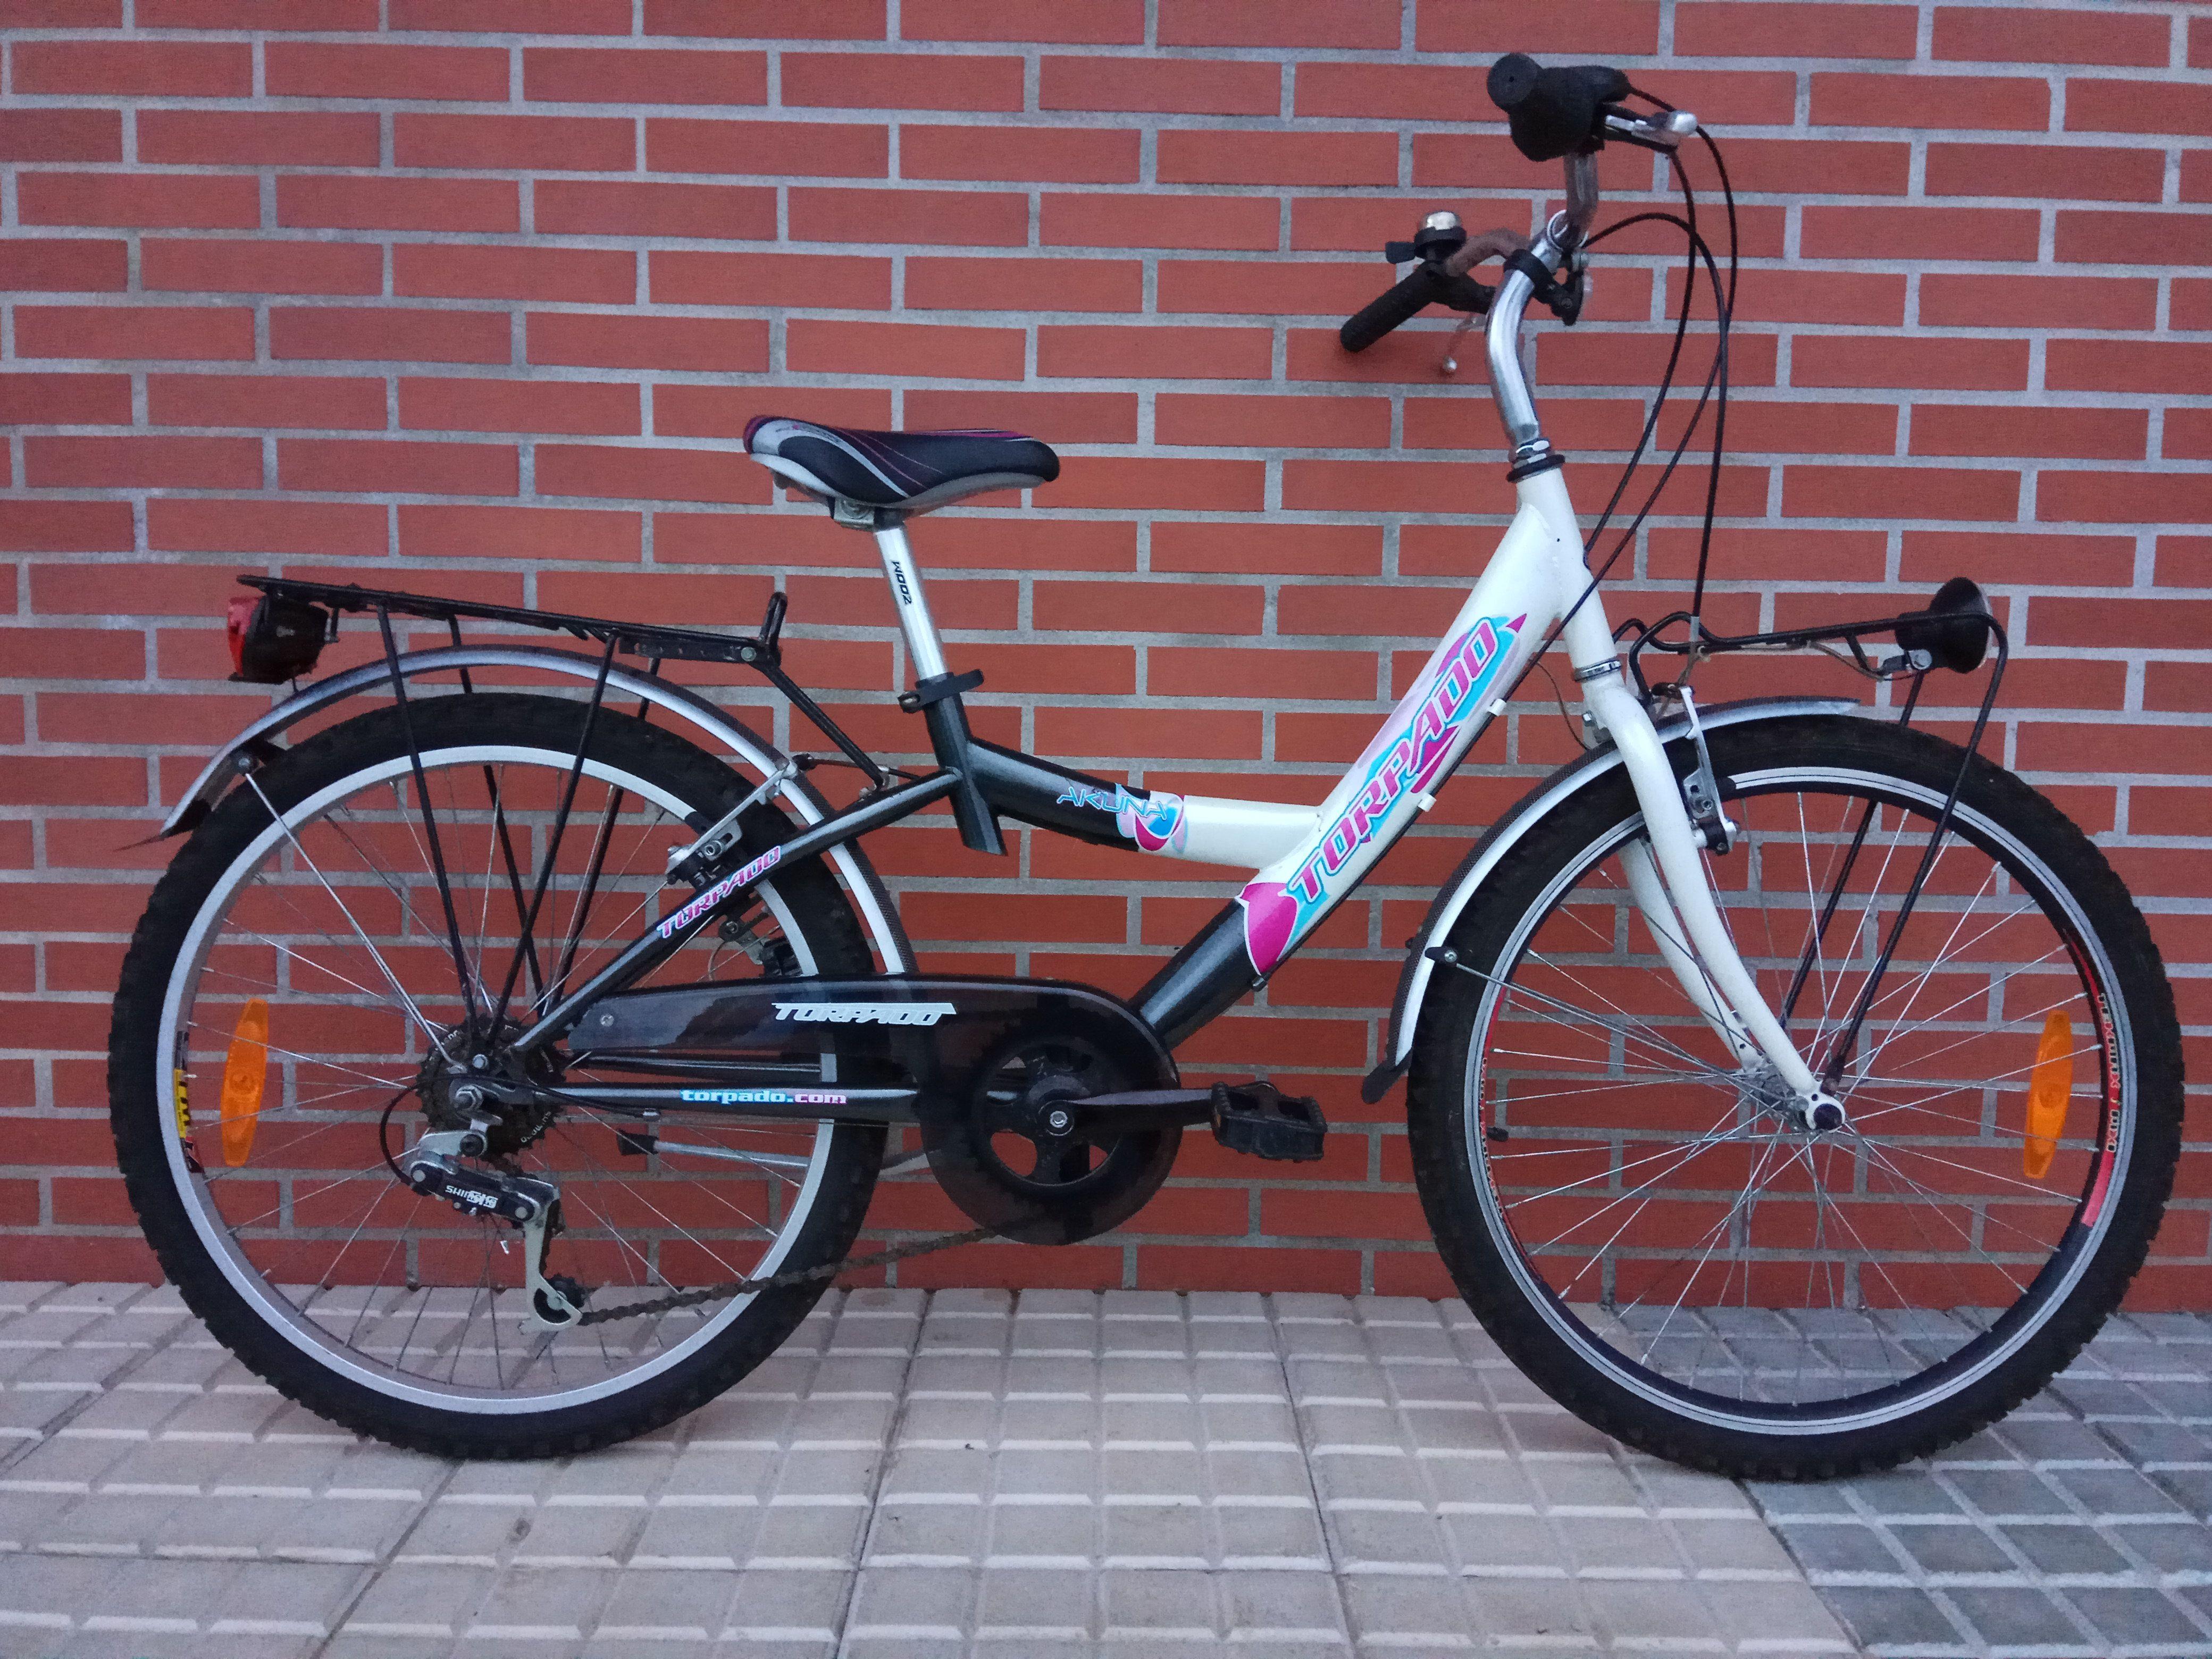 Bicicleta Torpado 90€ MARCA: Torpado MODELO: Akuna CLASE: Montaña y ...